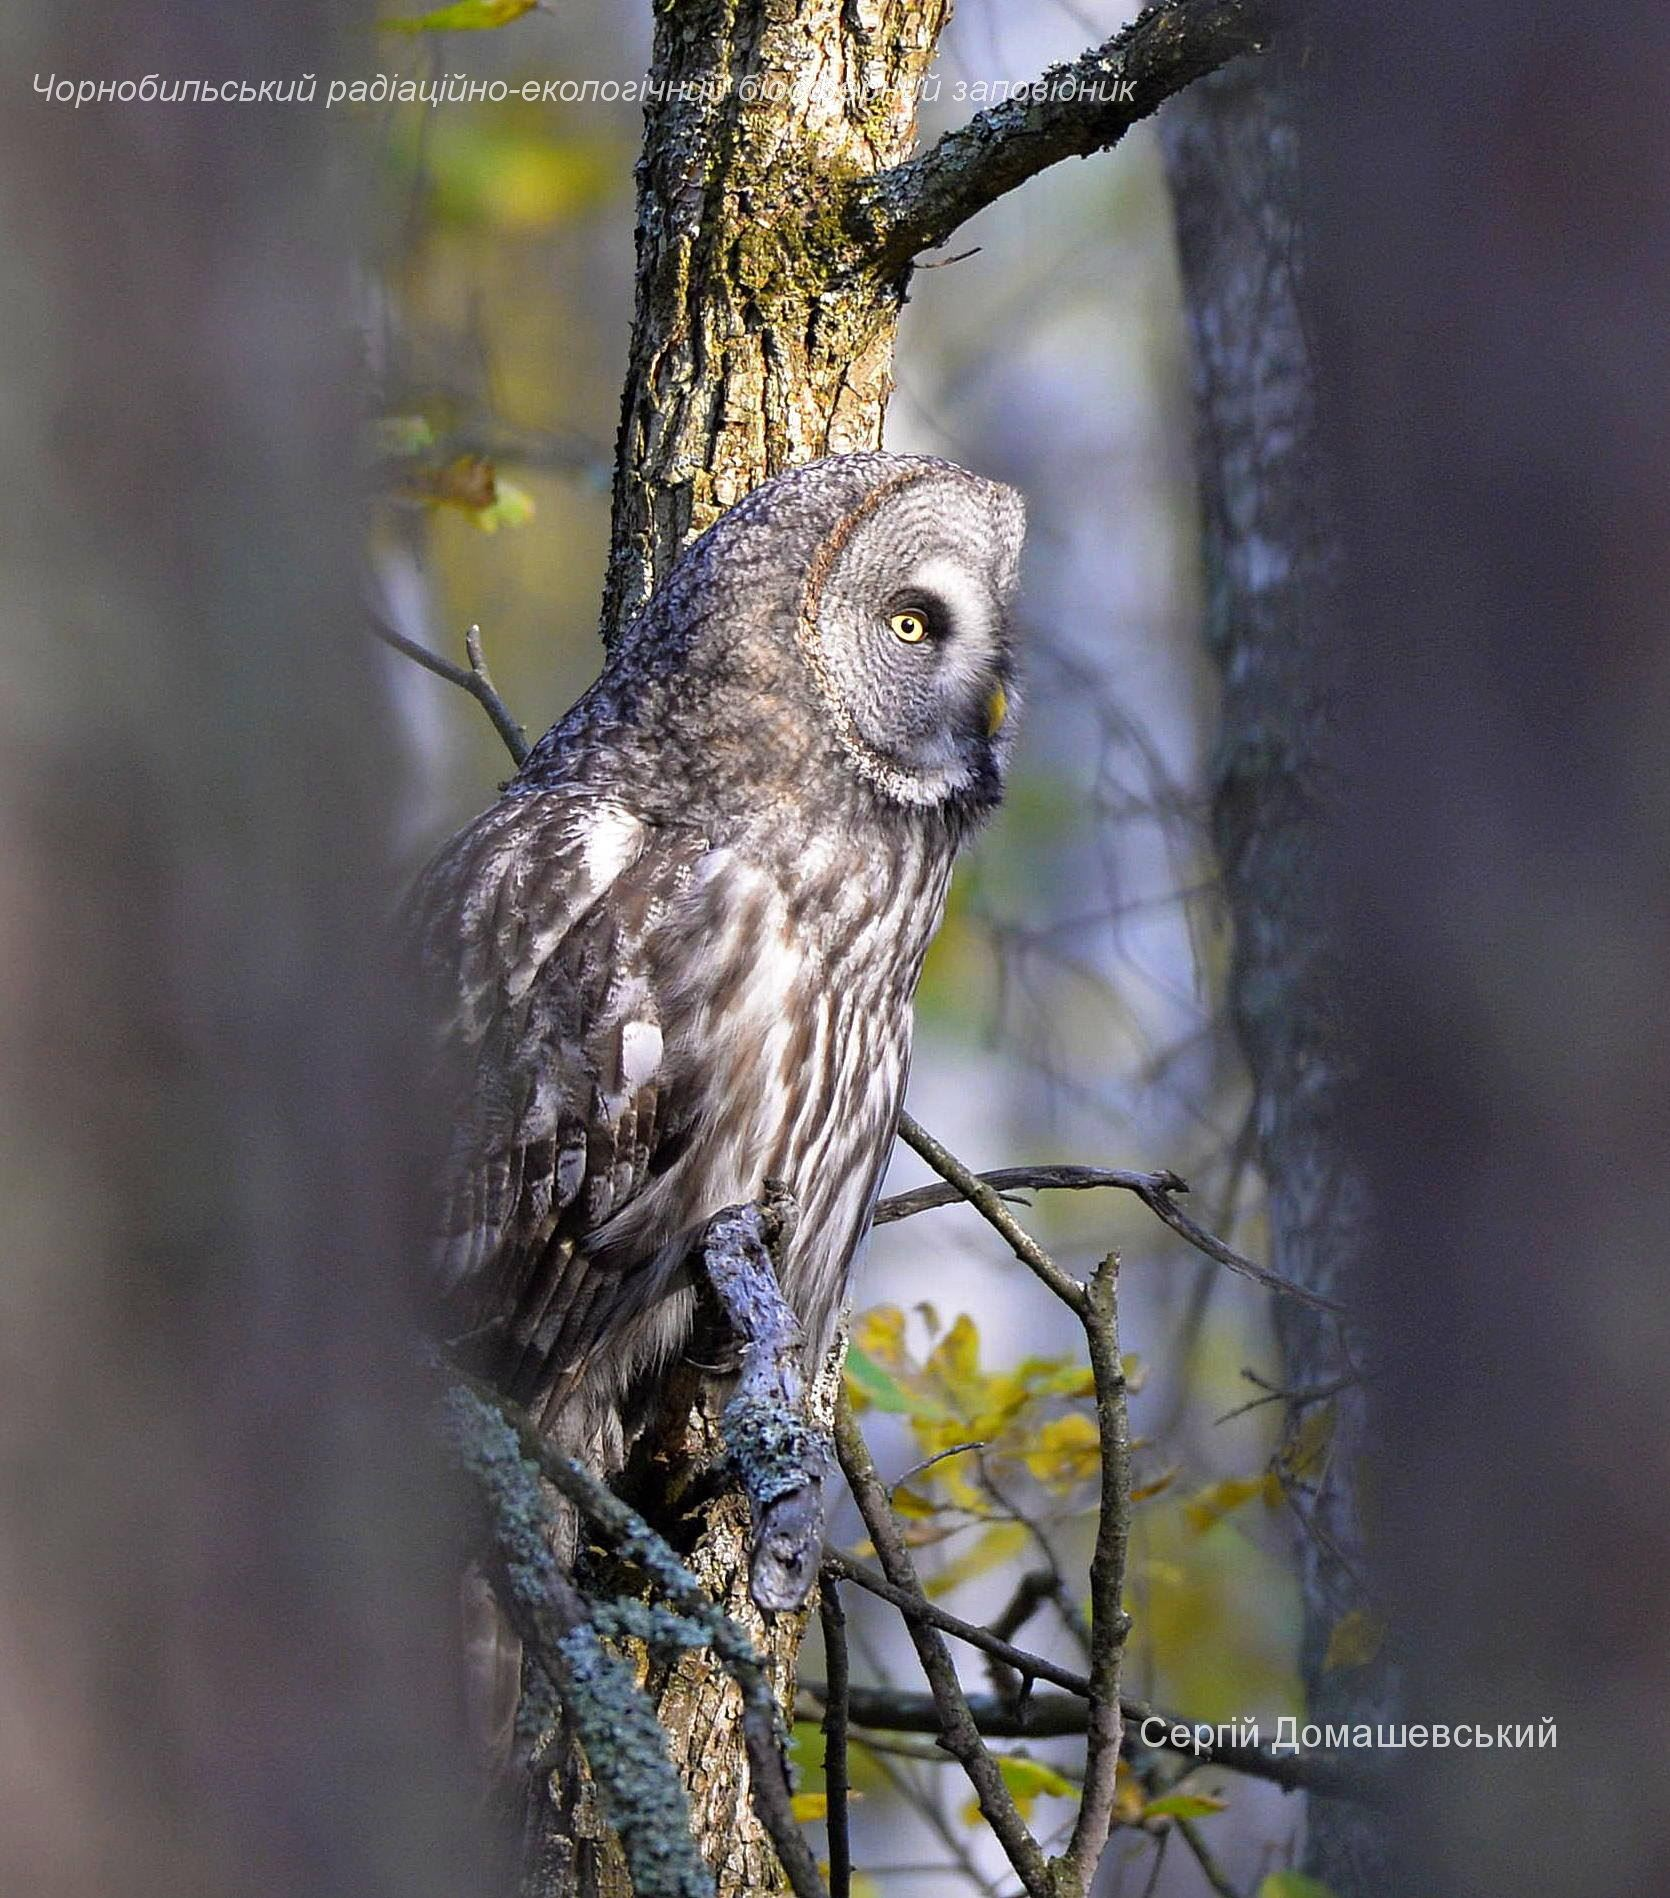 У Чорнобилі мешкає рідкісна сова, яка нападає на дослідників - Птахи, природа, Зона відчуження - 128783002 821484828408606 4853757773848092286 o